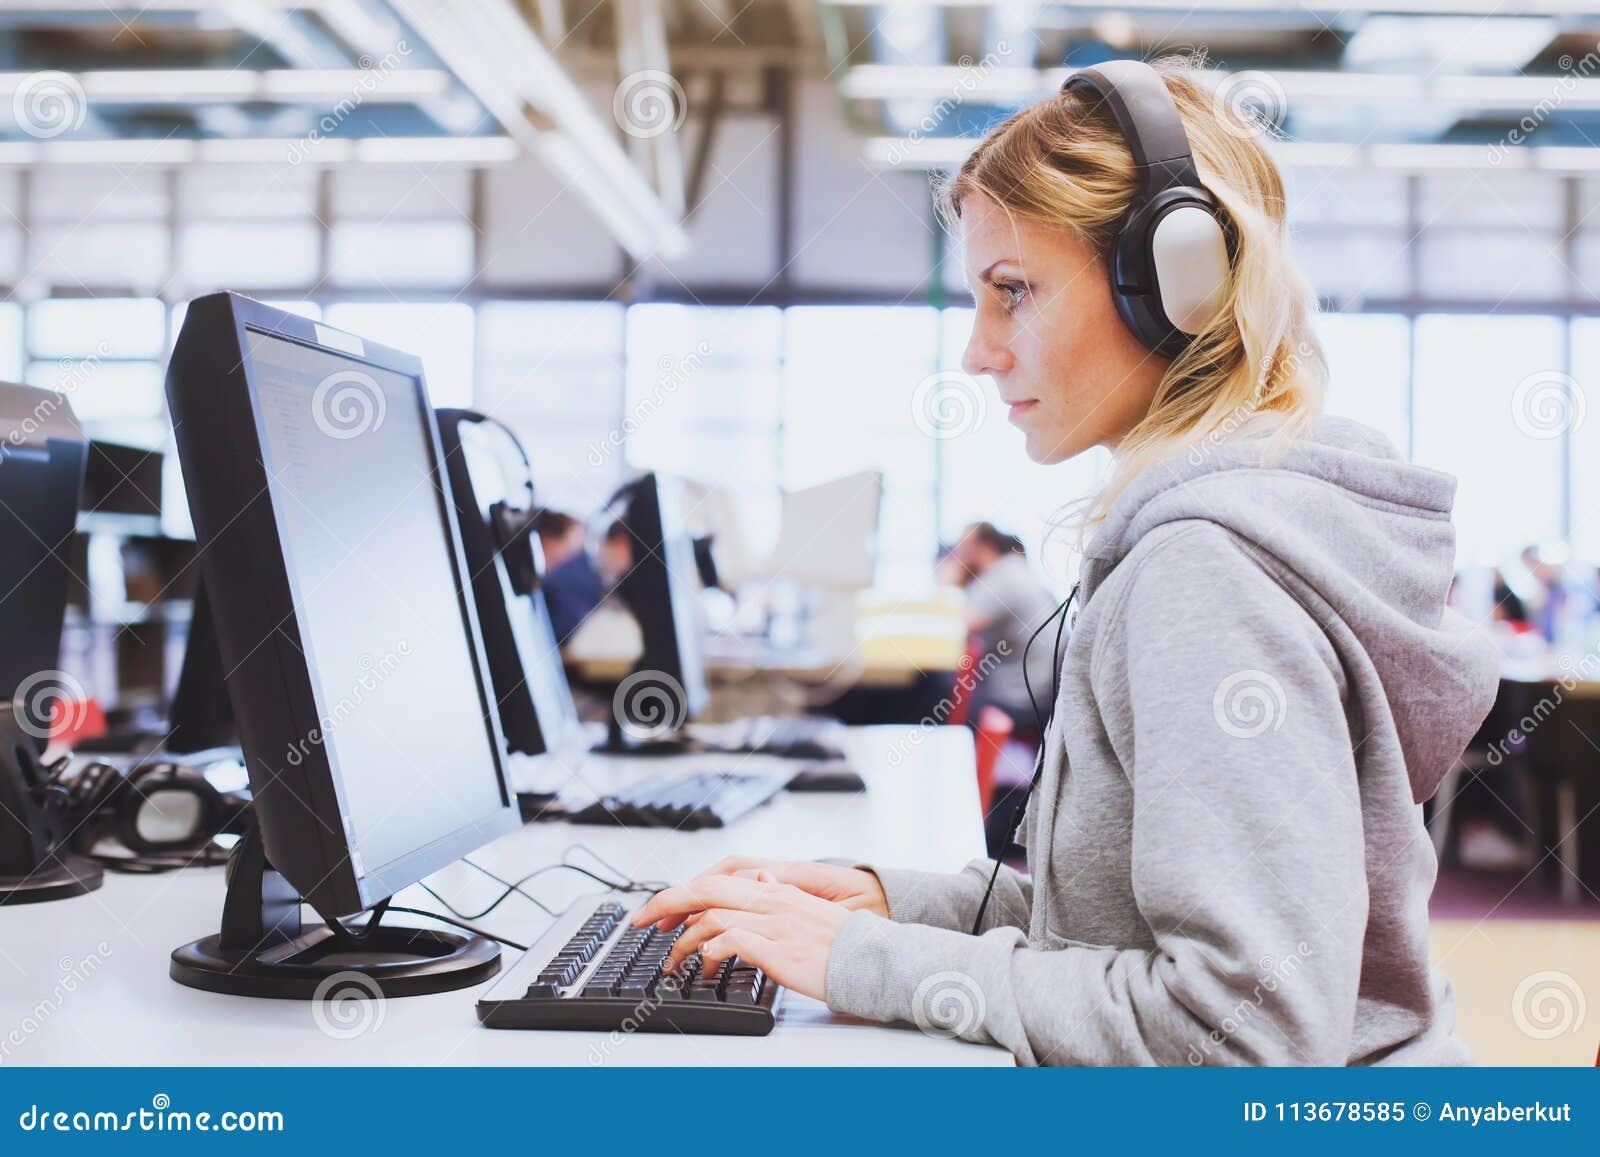 Enseñanza para adultos, estudiante en los auriculares que trabajan en el ordenador en la biblioteca